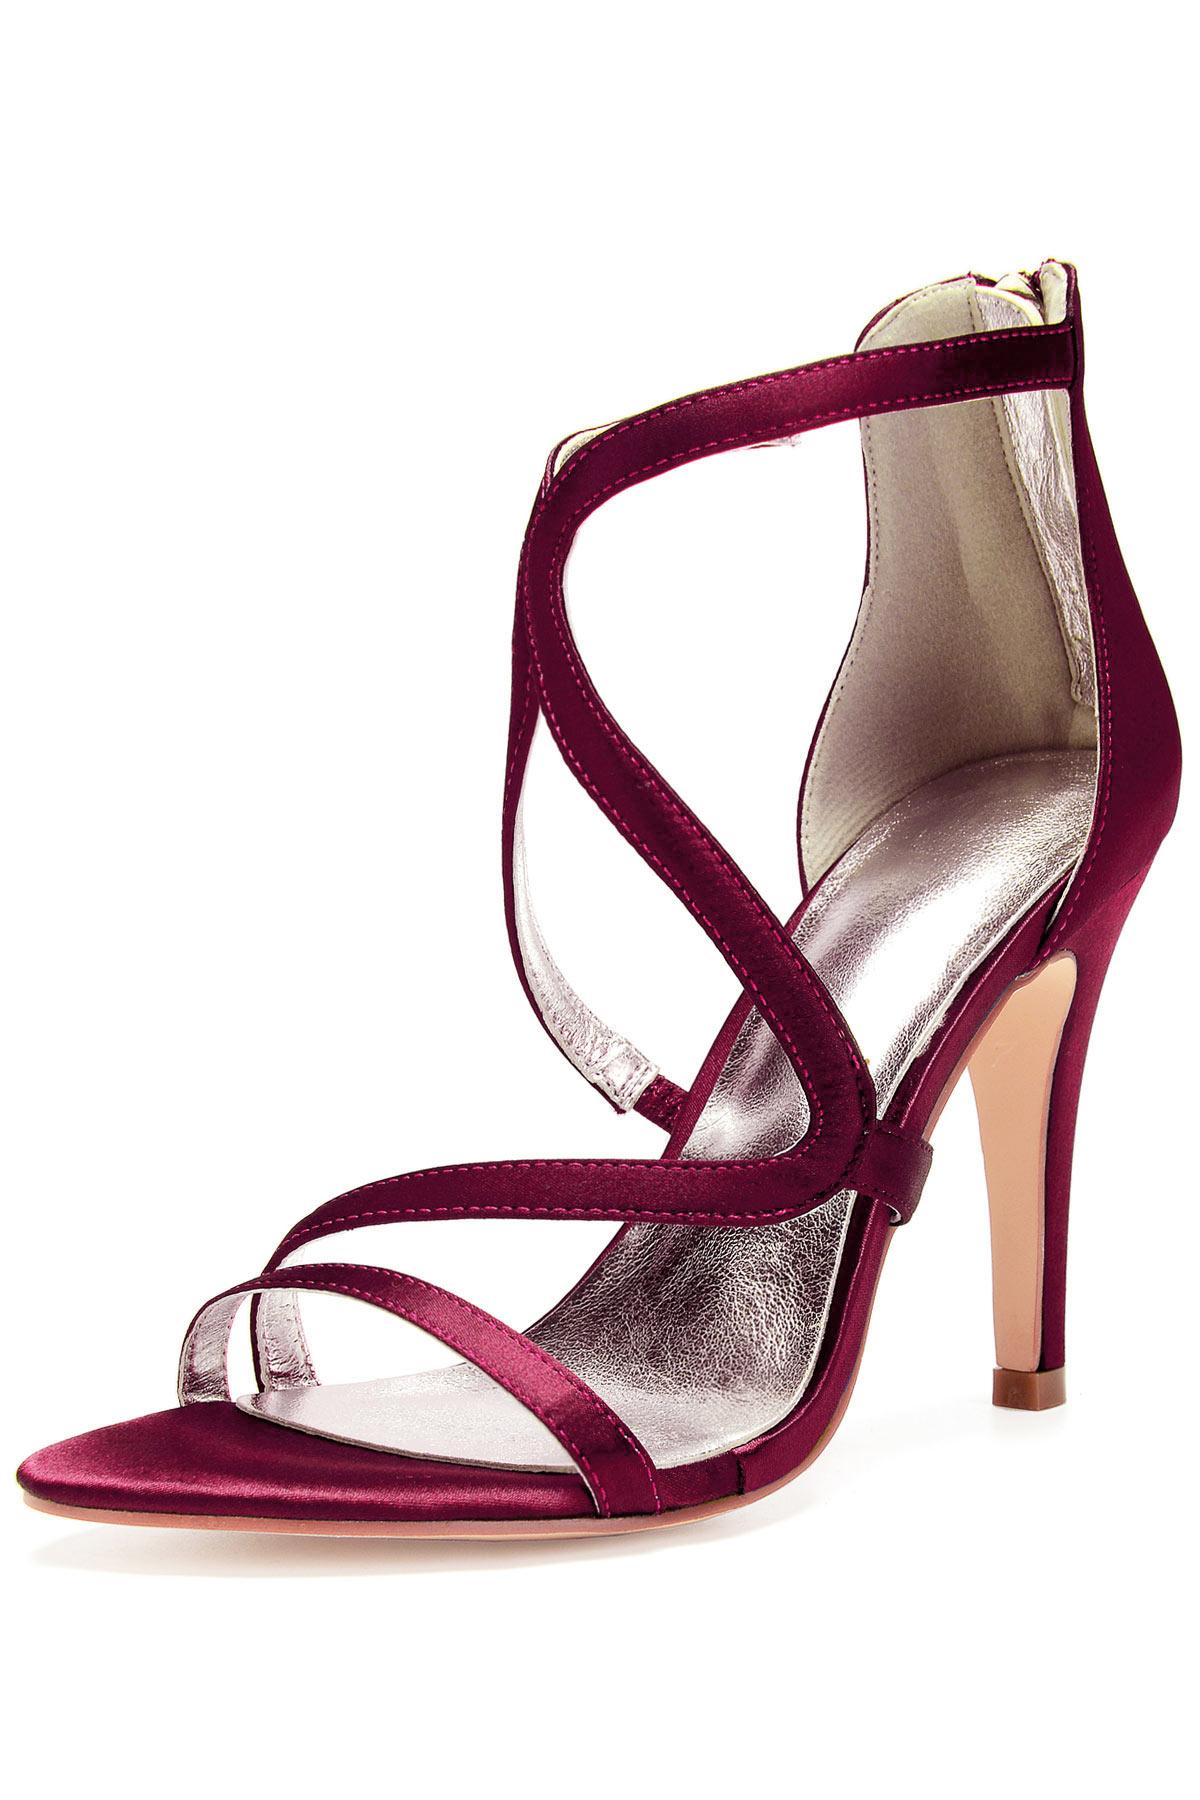 Sandale bordeaux à brides asymetrique pour soirée